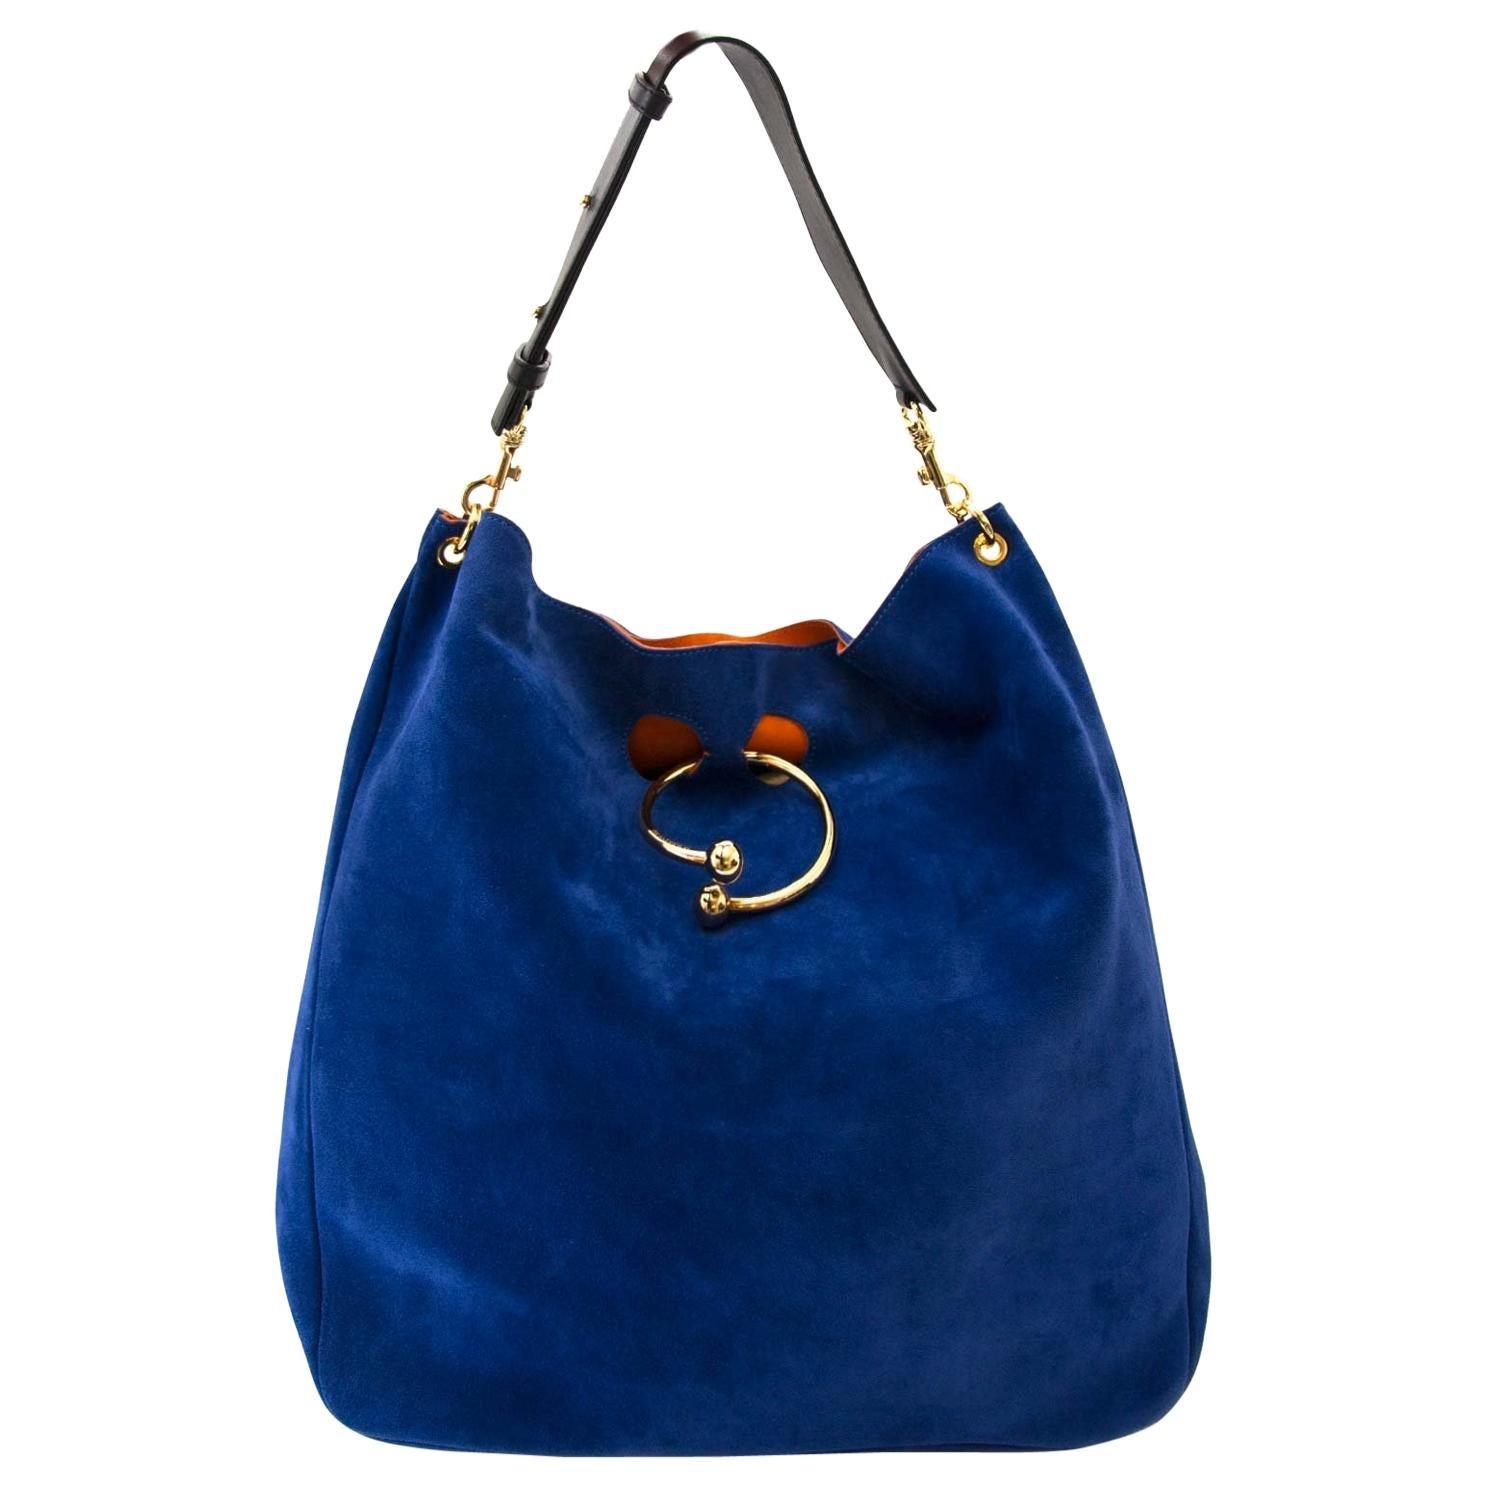 90cba7882a01e Labellov Tote Bags - 1stdibs